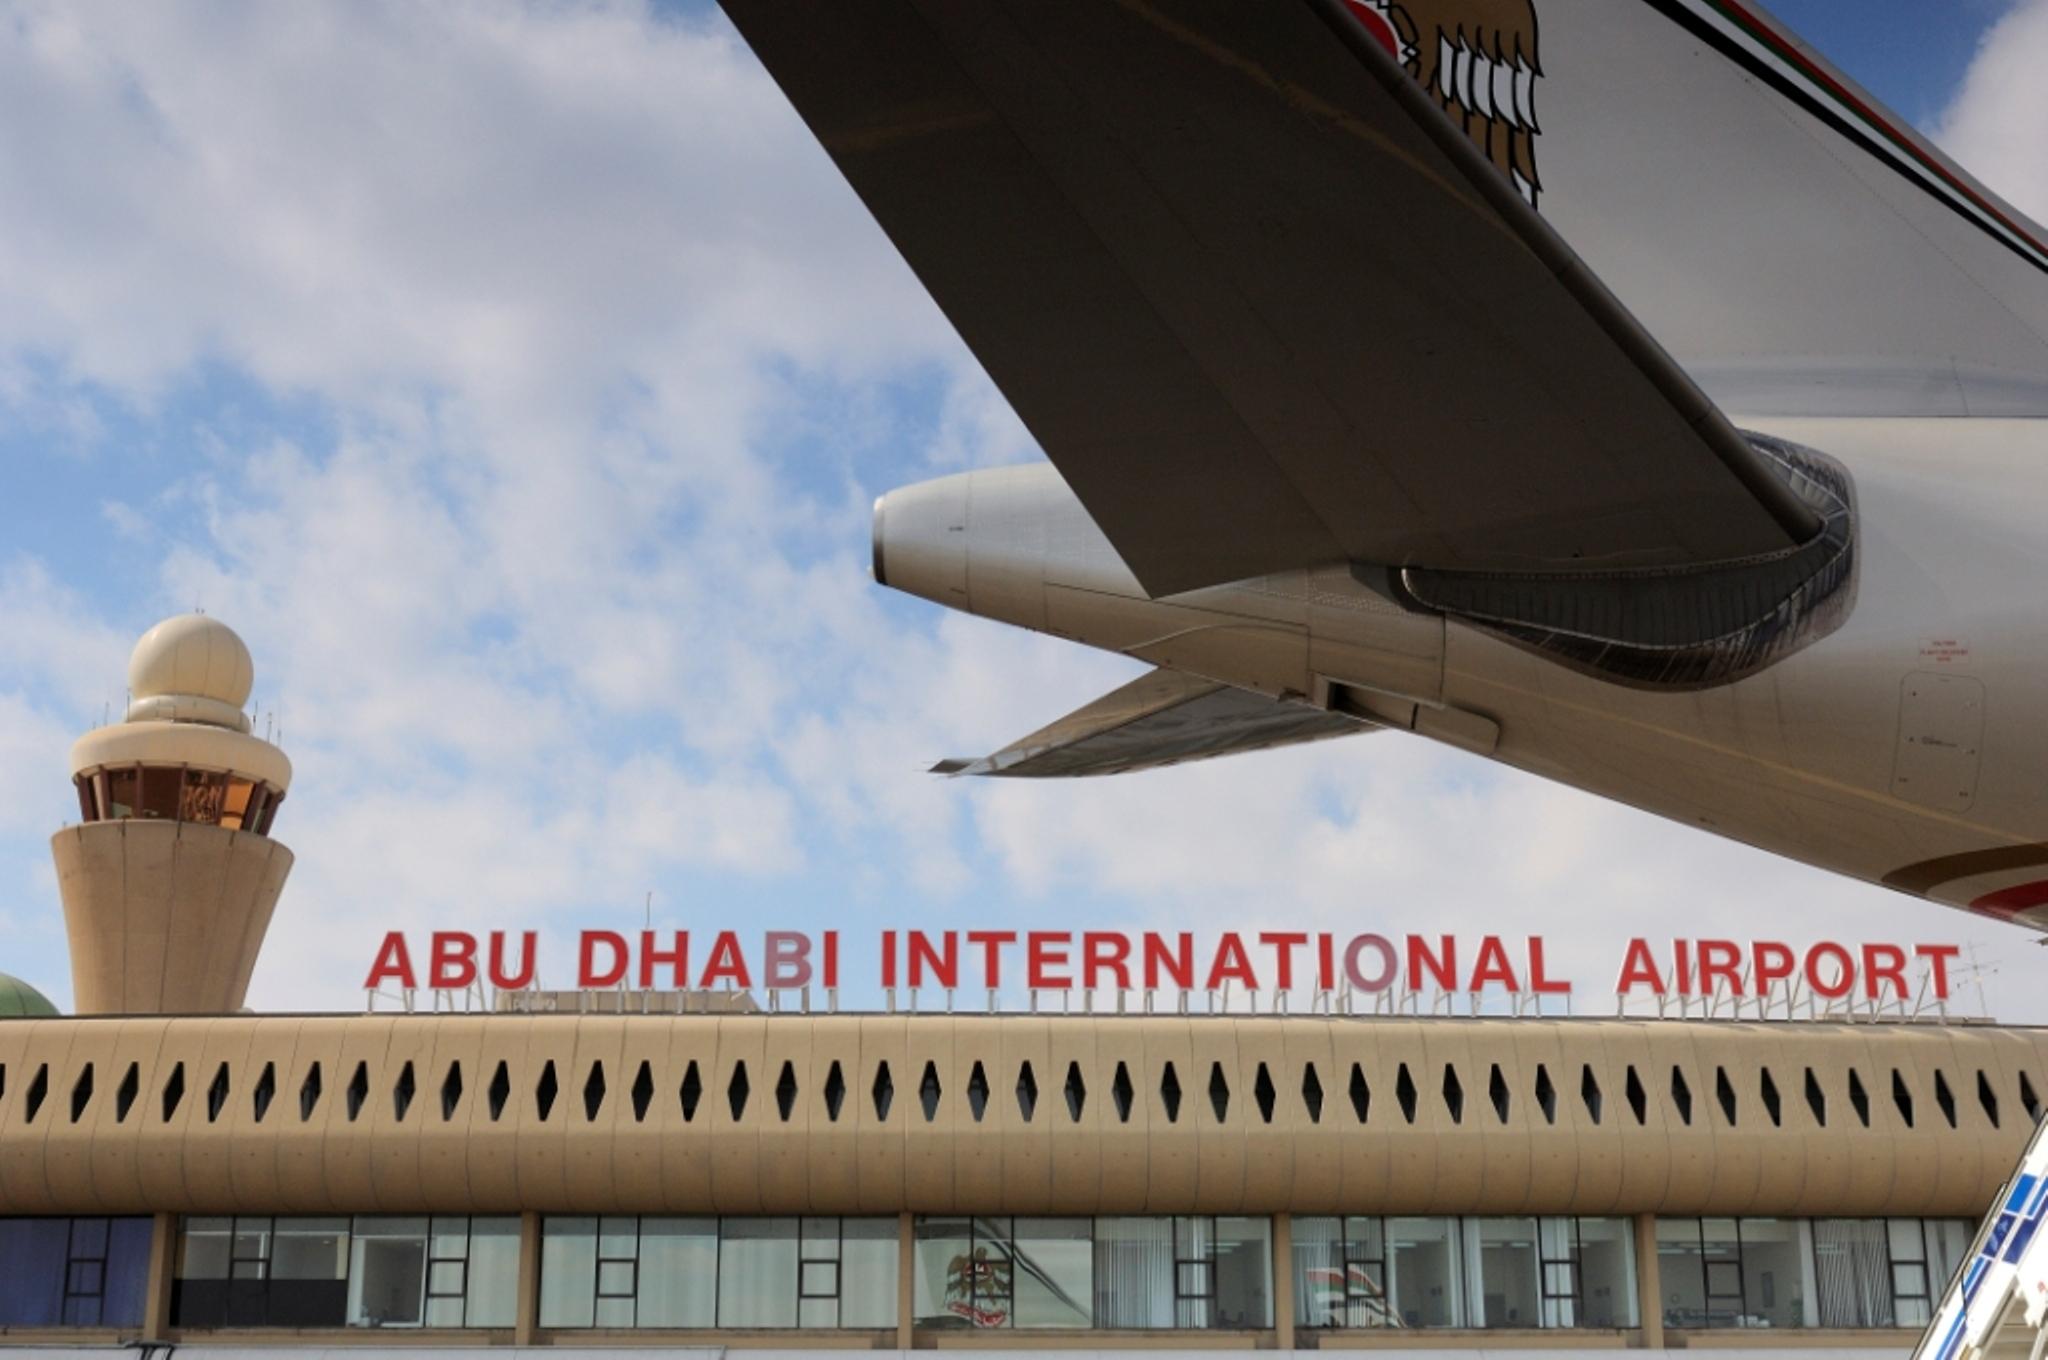 مطار أبوظبي يسجل رقماً قياسياً في أعداد المسافرين في شهر أغسطس الماضي